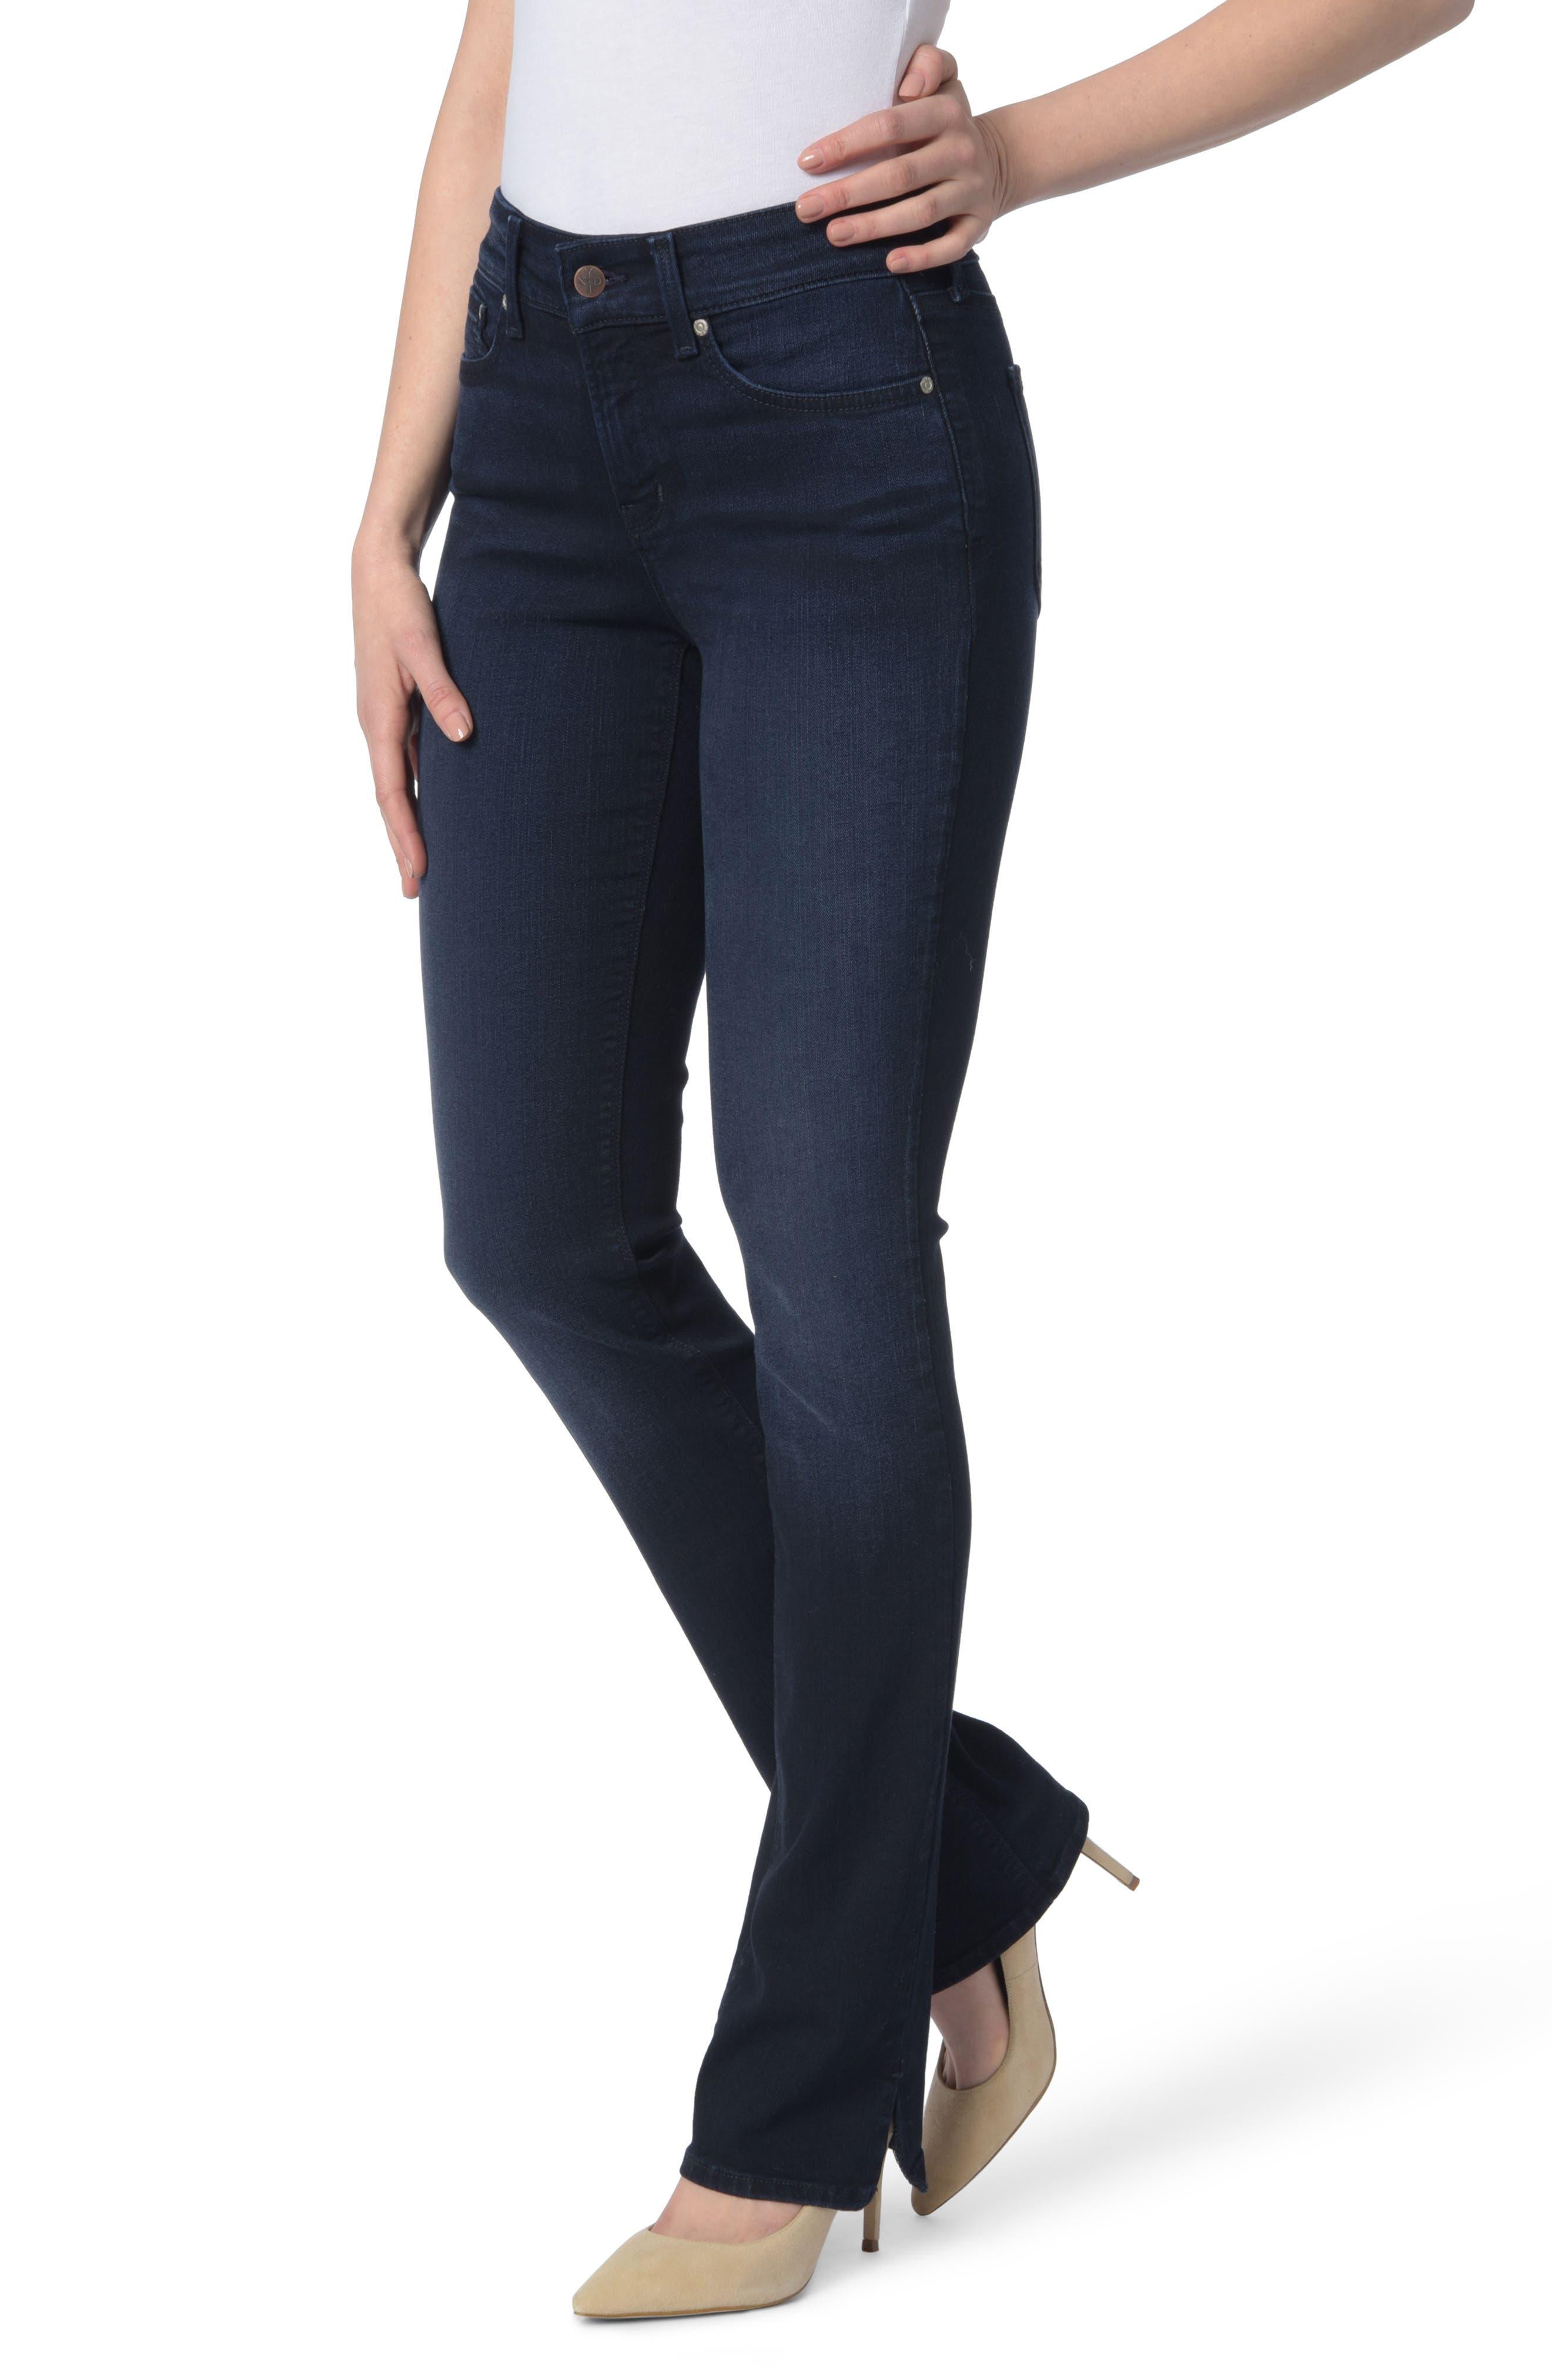 NYDJ Billie Slit Stretch Mini Bootcut Jeans (Sinclair)